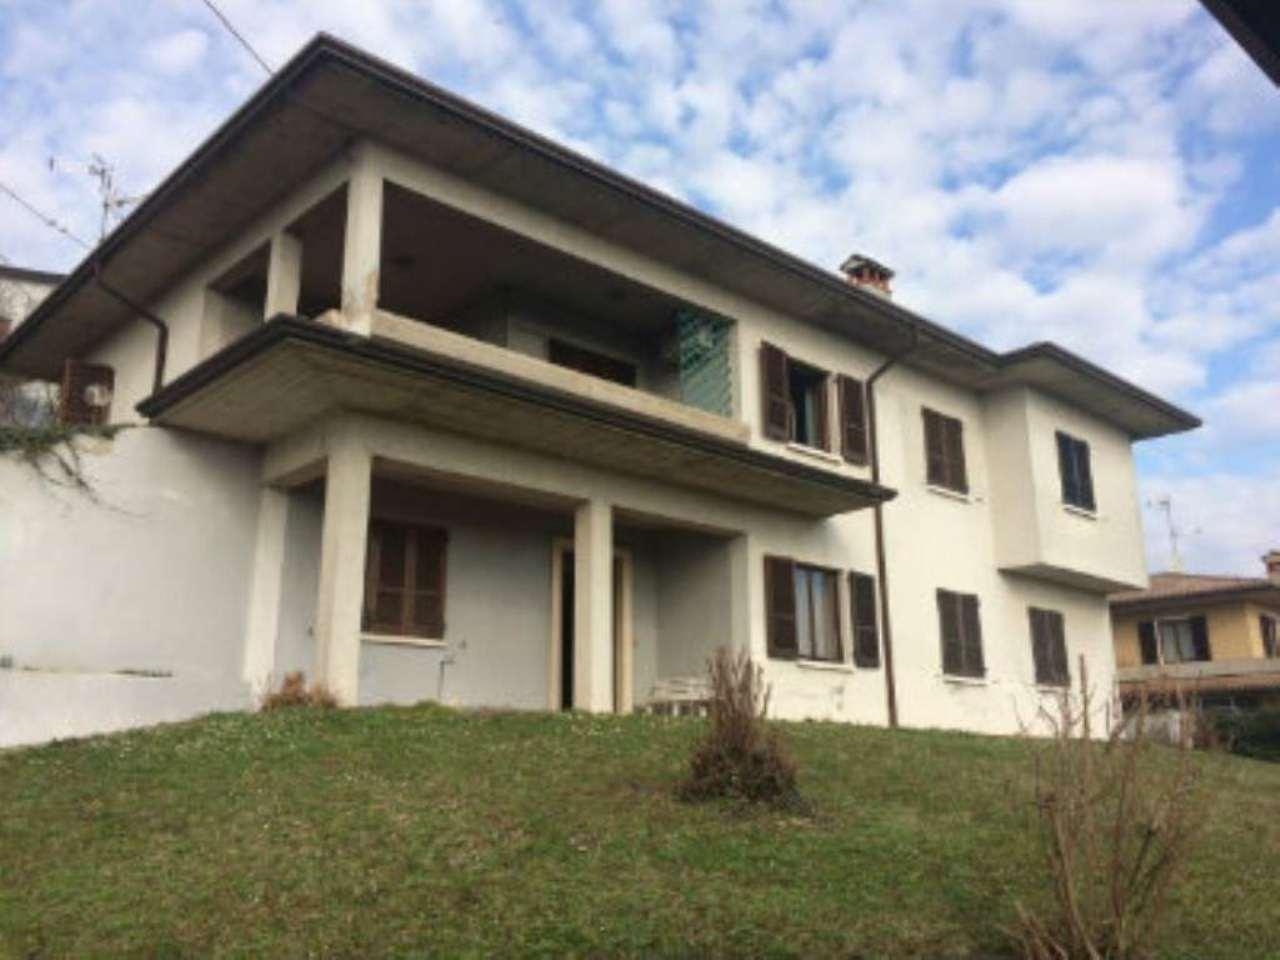 Villa in vendita a Calcinato, 6 locali, prezzo € 200.000 | Cambio Casa.it